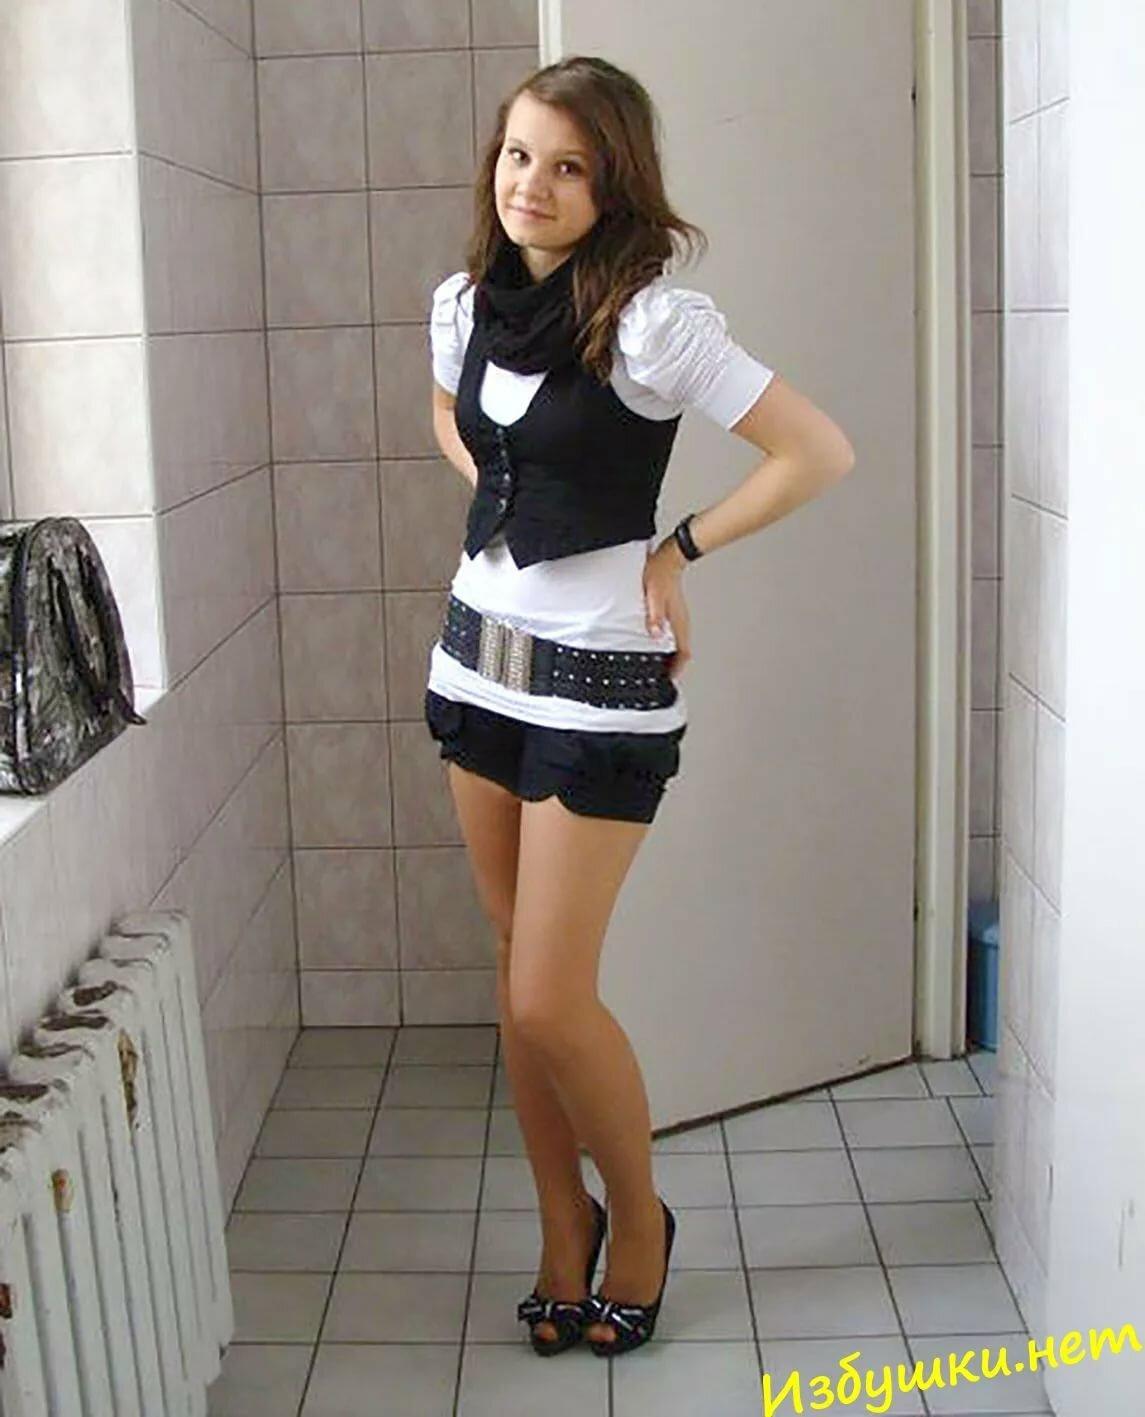 Девушки в мини юбках в туалете, обтягивающие трусики на пляже фото